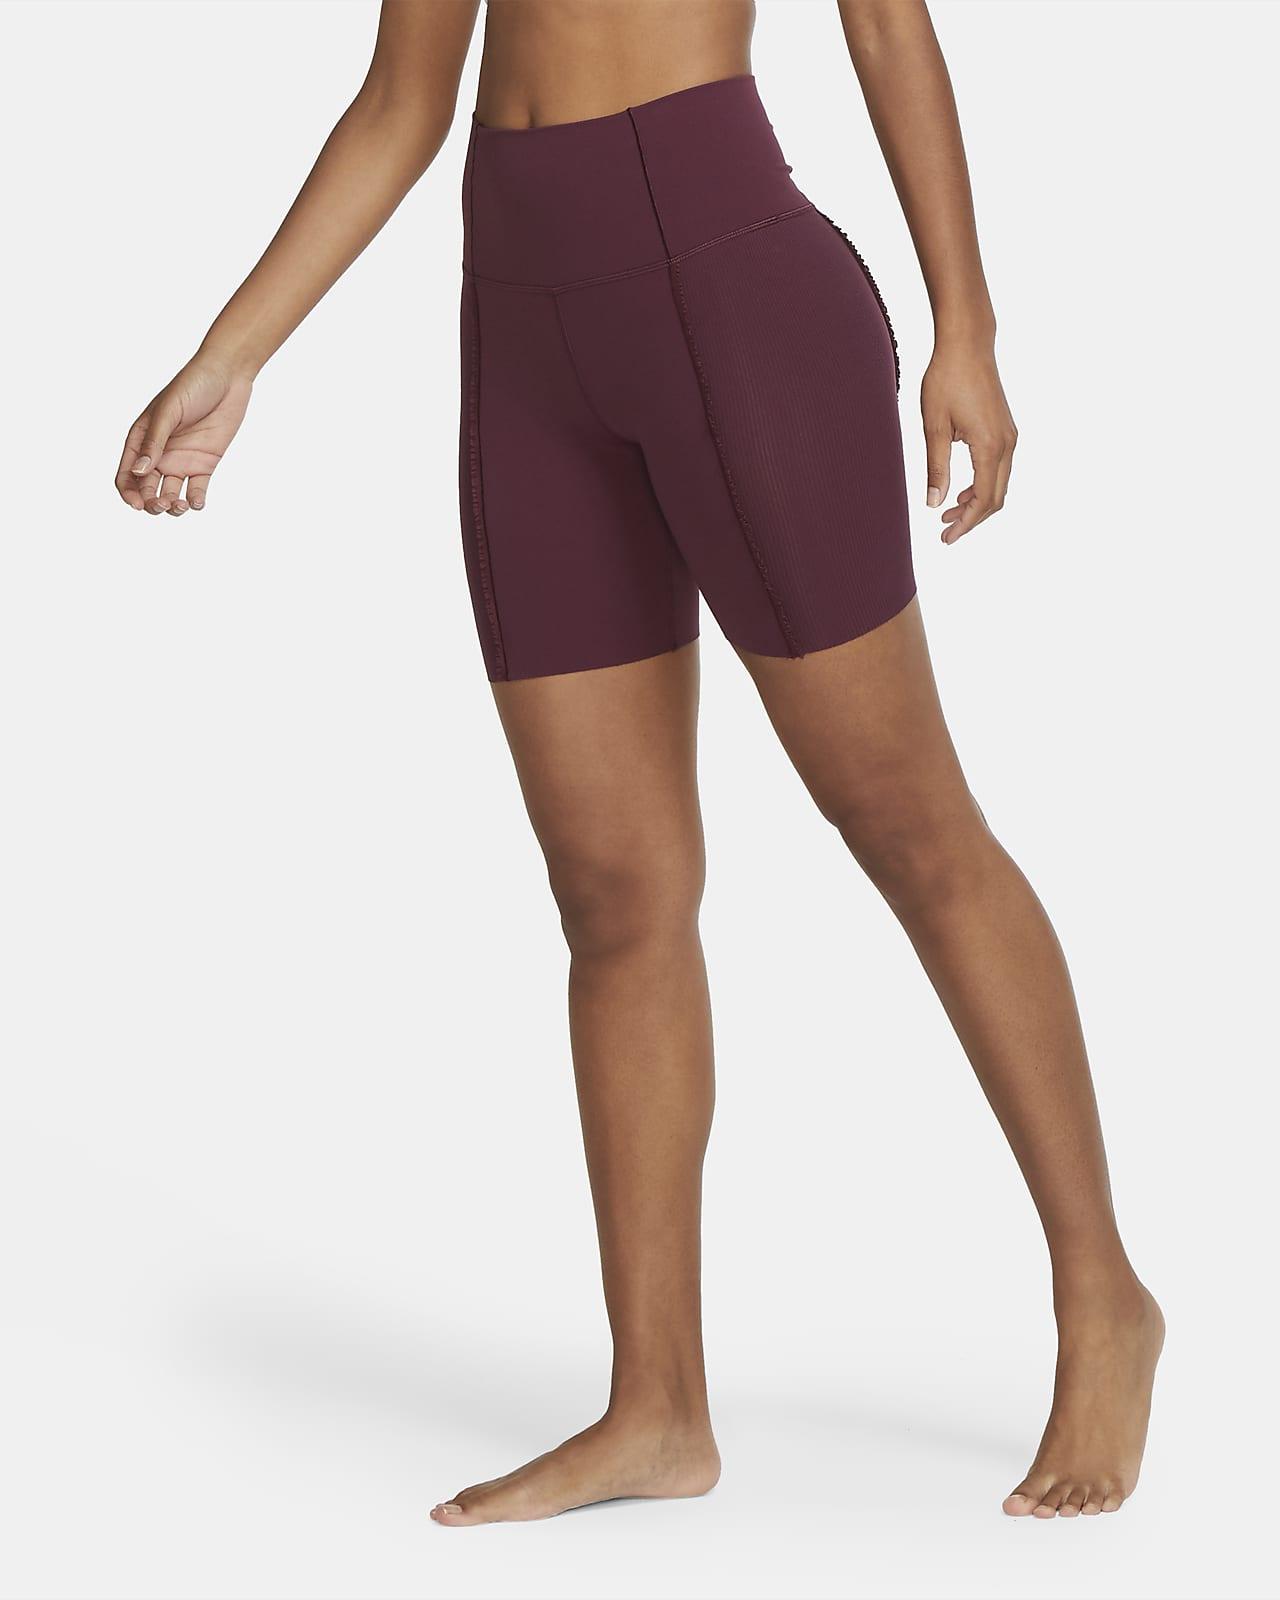 Nike Yoga Luxe Women's Infinalon Ruffled Shorts